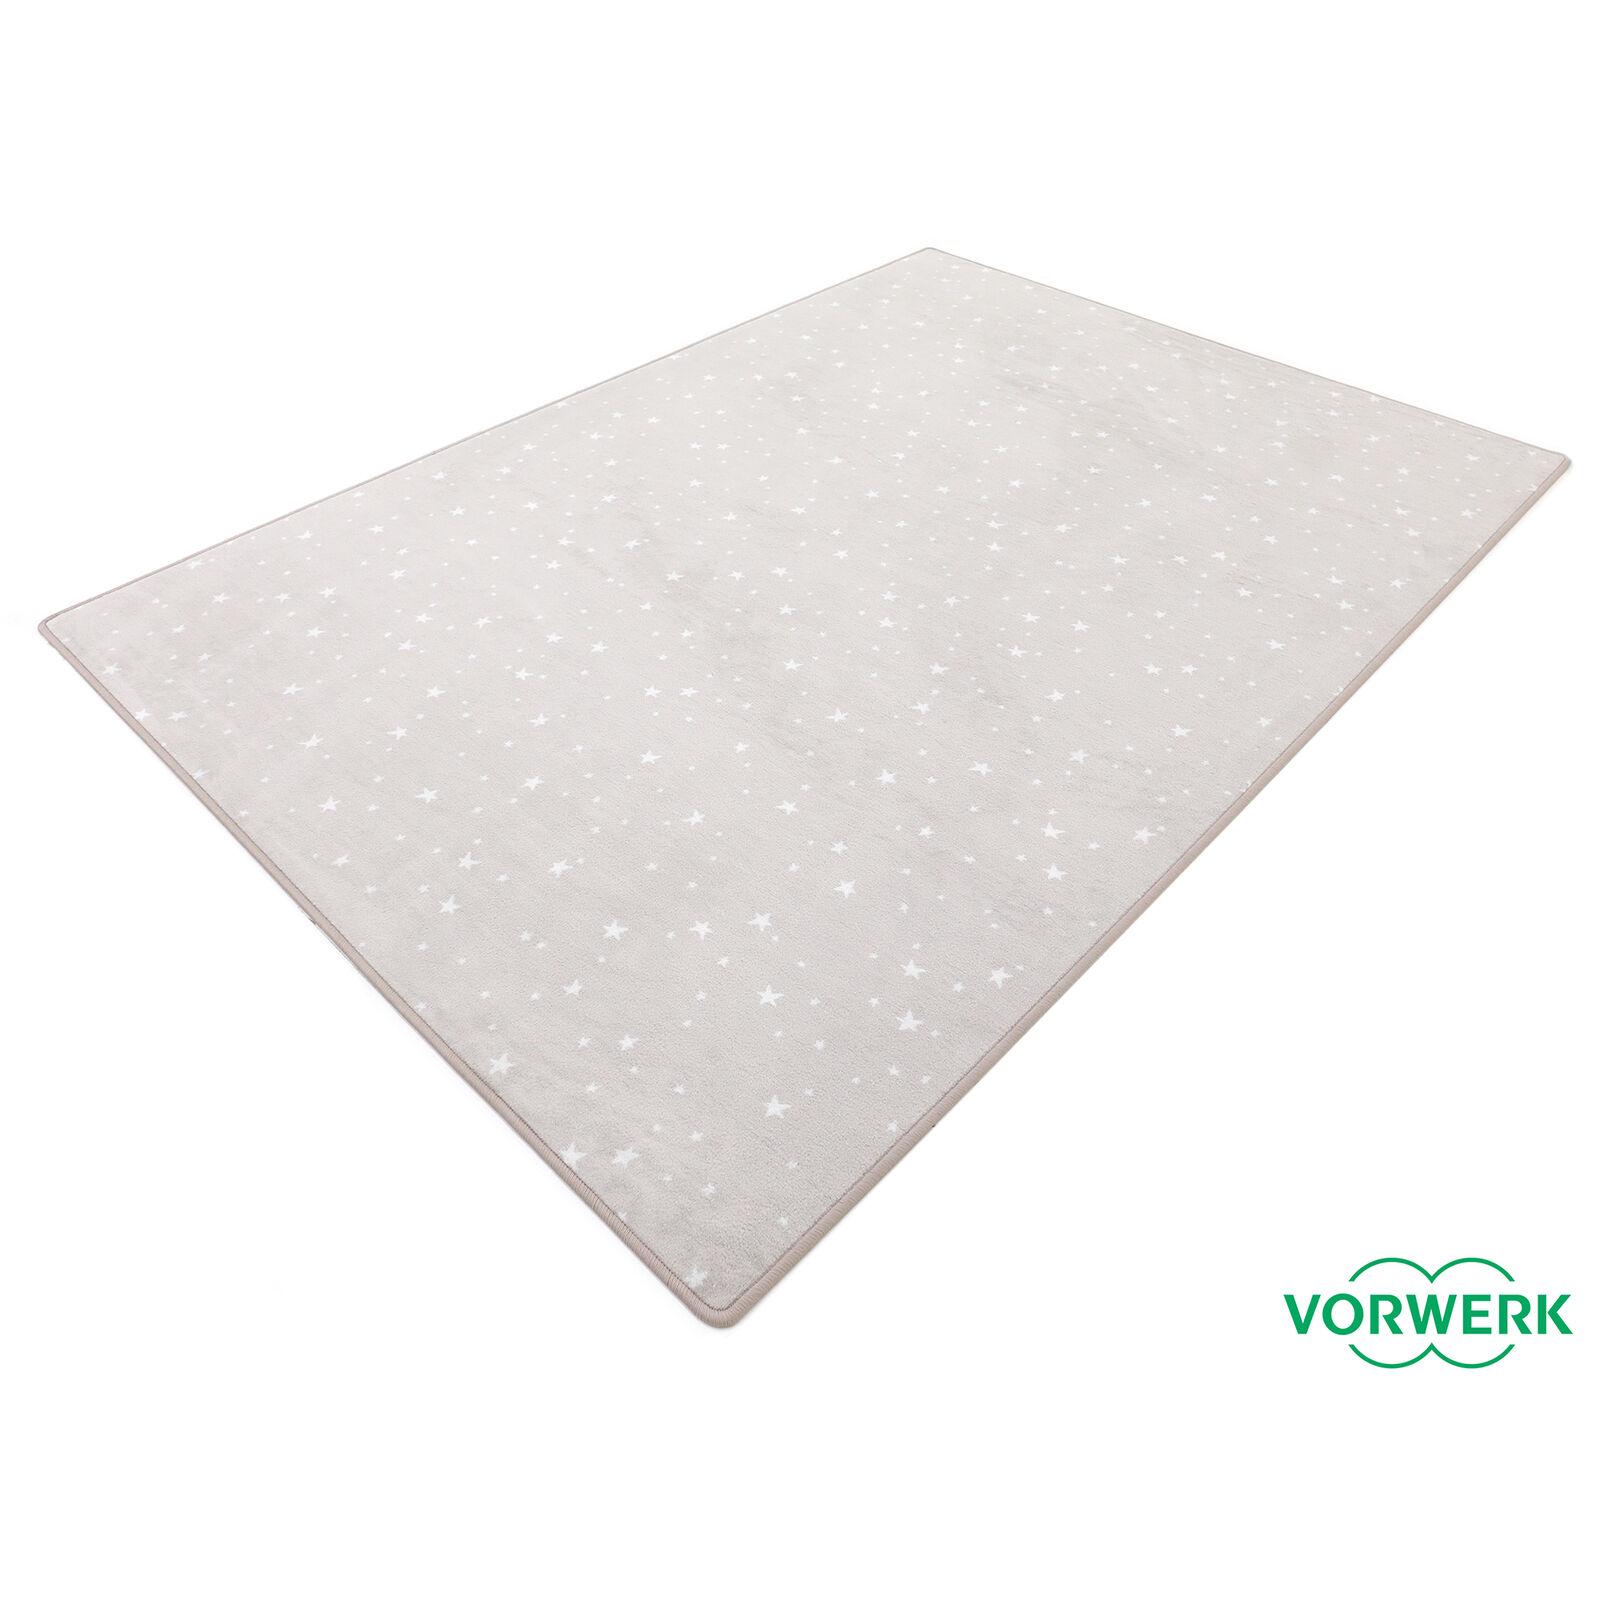 Full Size of Teppiche Mehr Als 10000 Angebote Schlafzimmer Teppich Steinteppich Bad Badezimmer Für Küche Wohnzimmer Esstisch Wohnzimmer Teppich 300x400